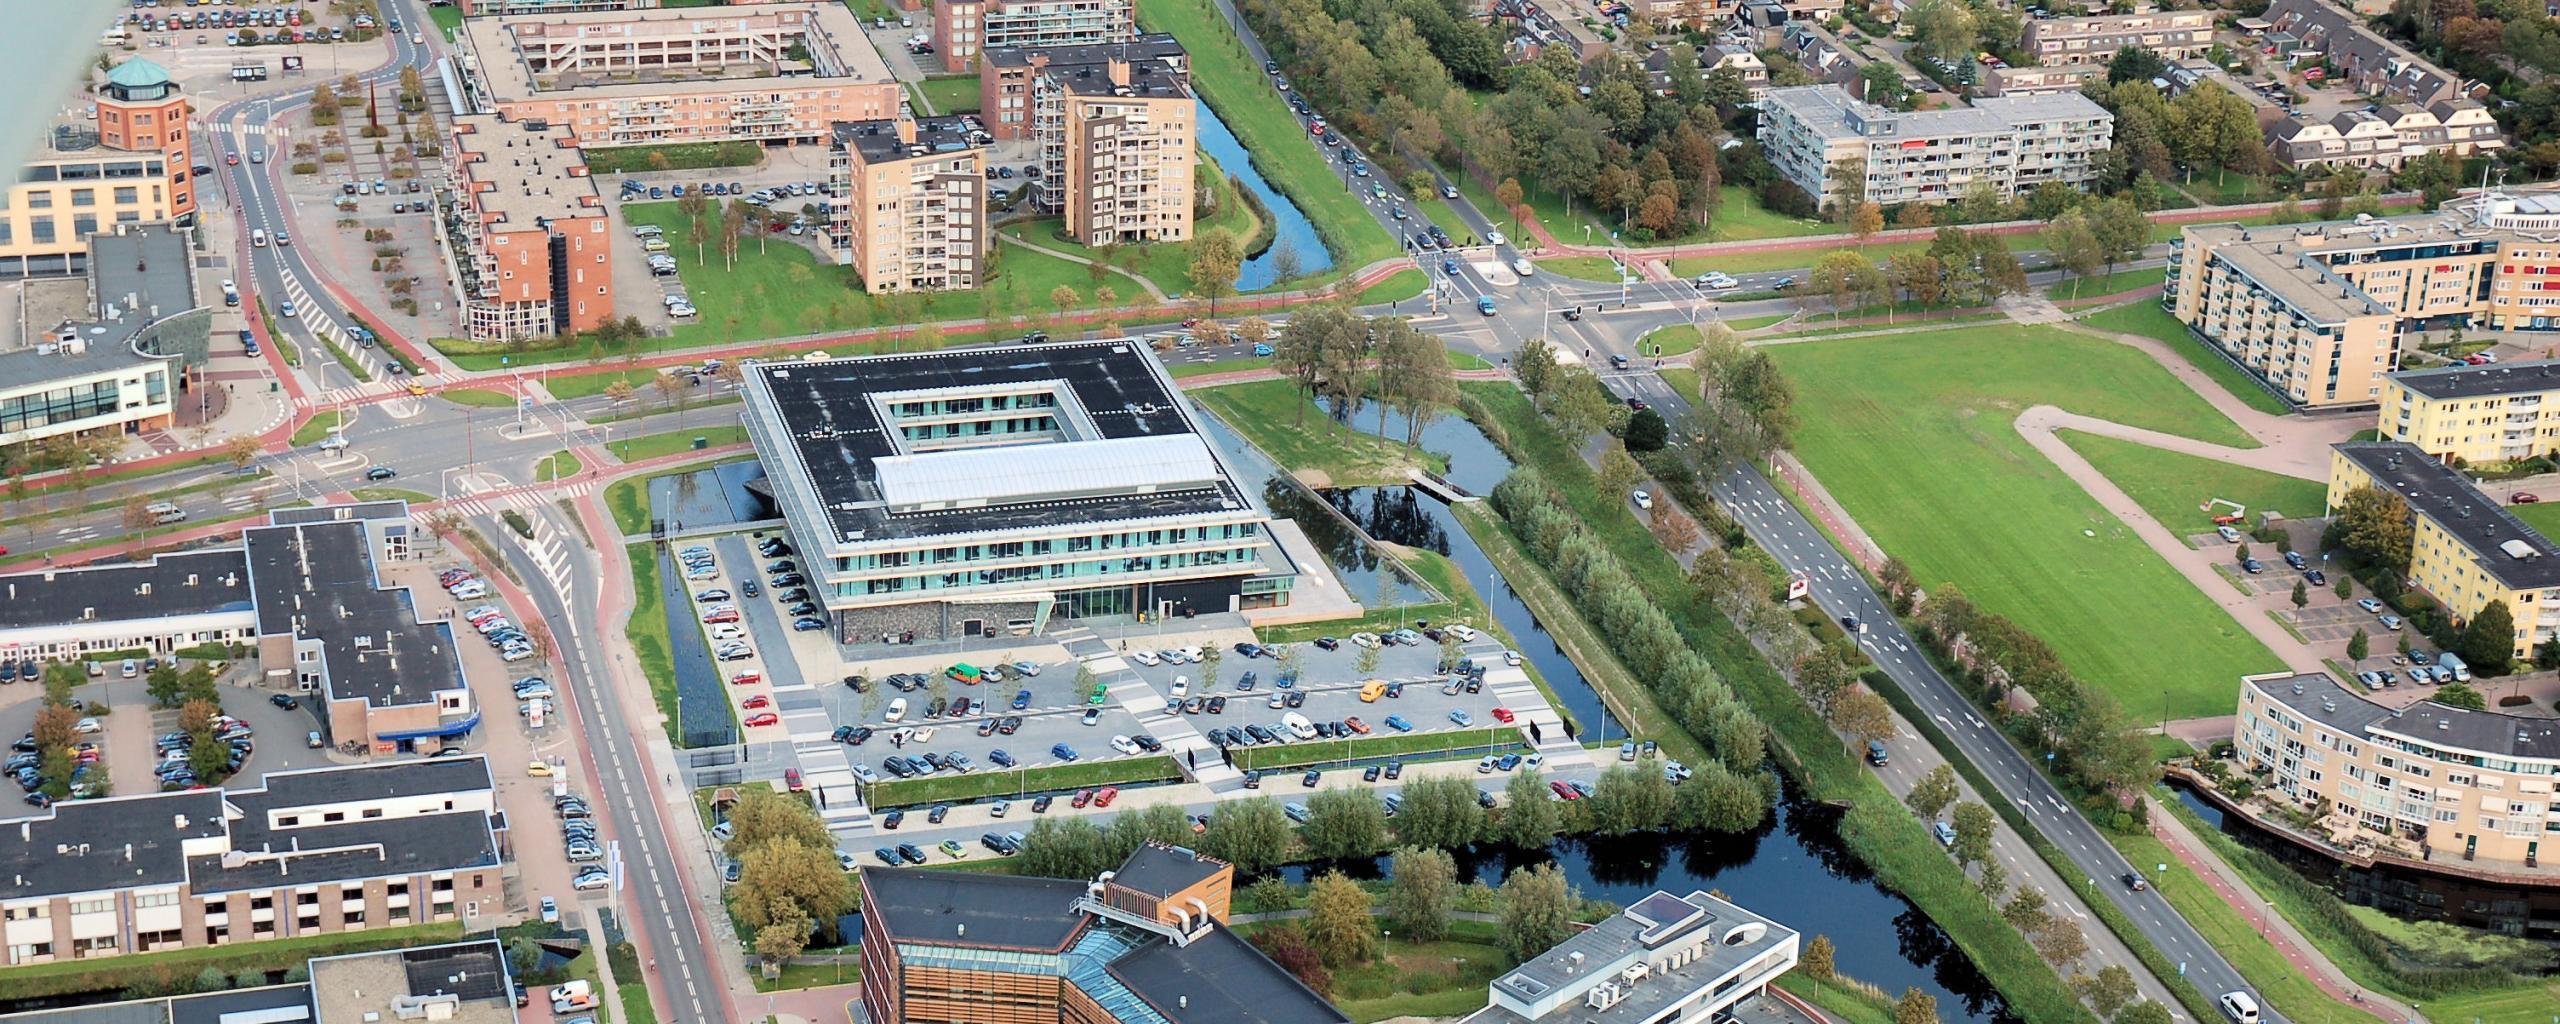 Door coronacrisis hebben in Noord-Holland 1400 huishoudens en 250 bedrijven uitstel van betaling waterschapsbelasting gevraagd